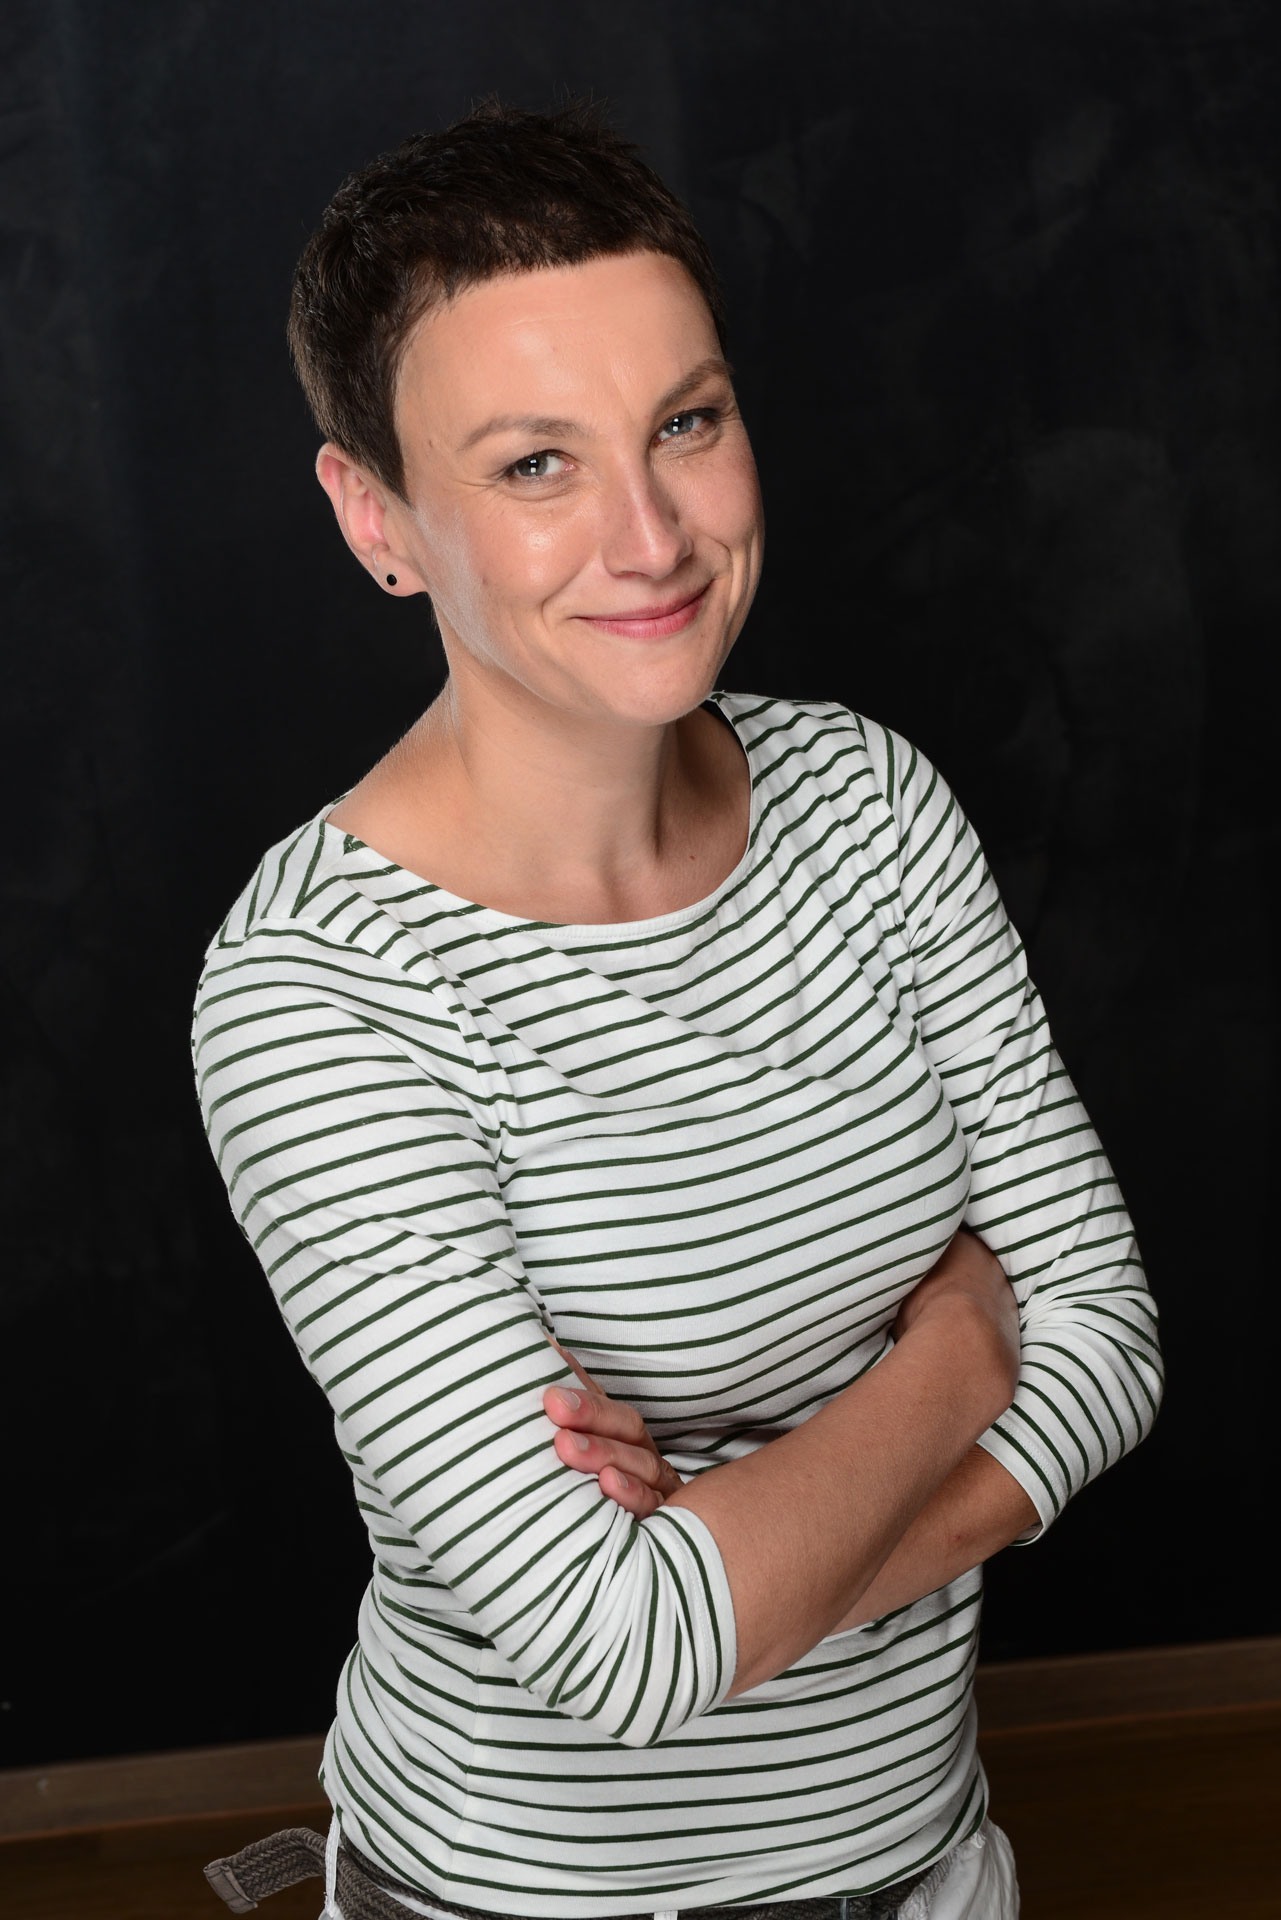 Monika Pekala